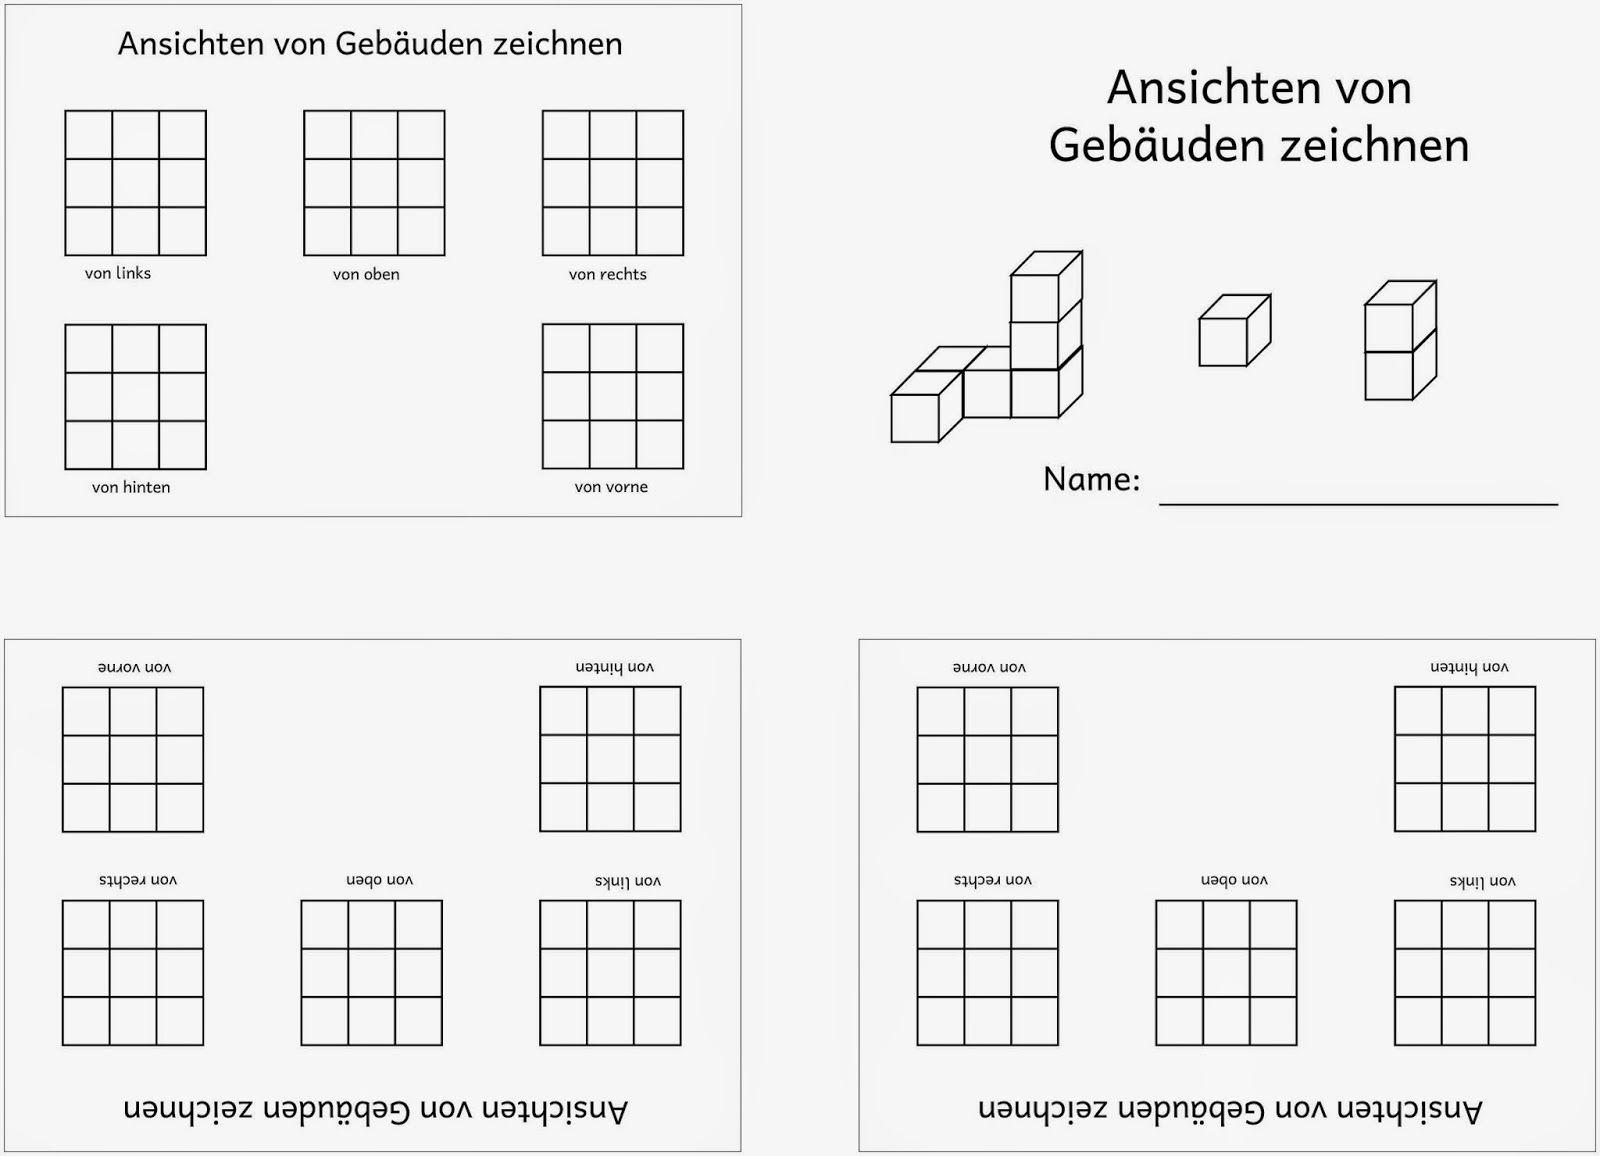 ansichten von w rfelgeb uden zeichnen matematika w rfelgeb ude lernen tipps schule mathe. Black Bedroom Furniture Sets. Home Design Ideas